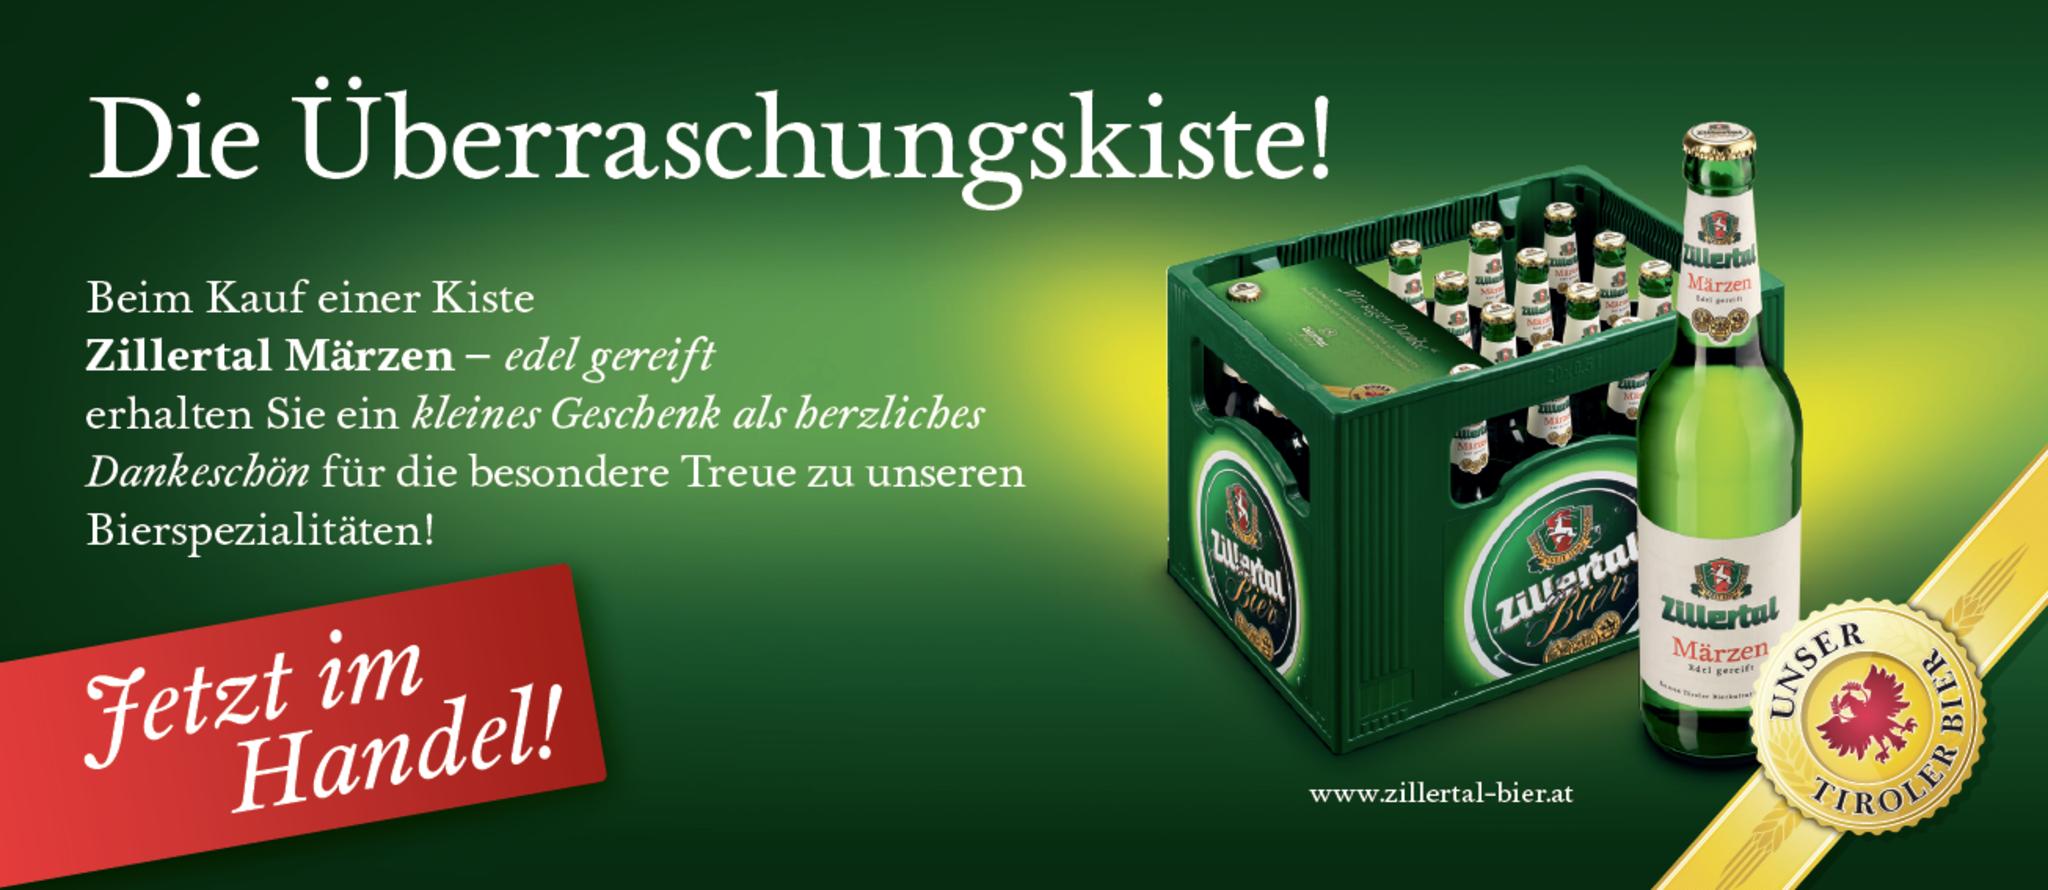 Jetzt Im Handel Die Uberraschungskiste Von Zillertal Bier Schwaz